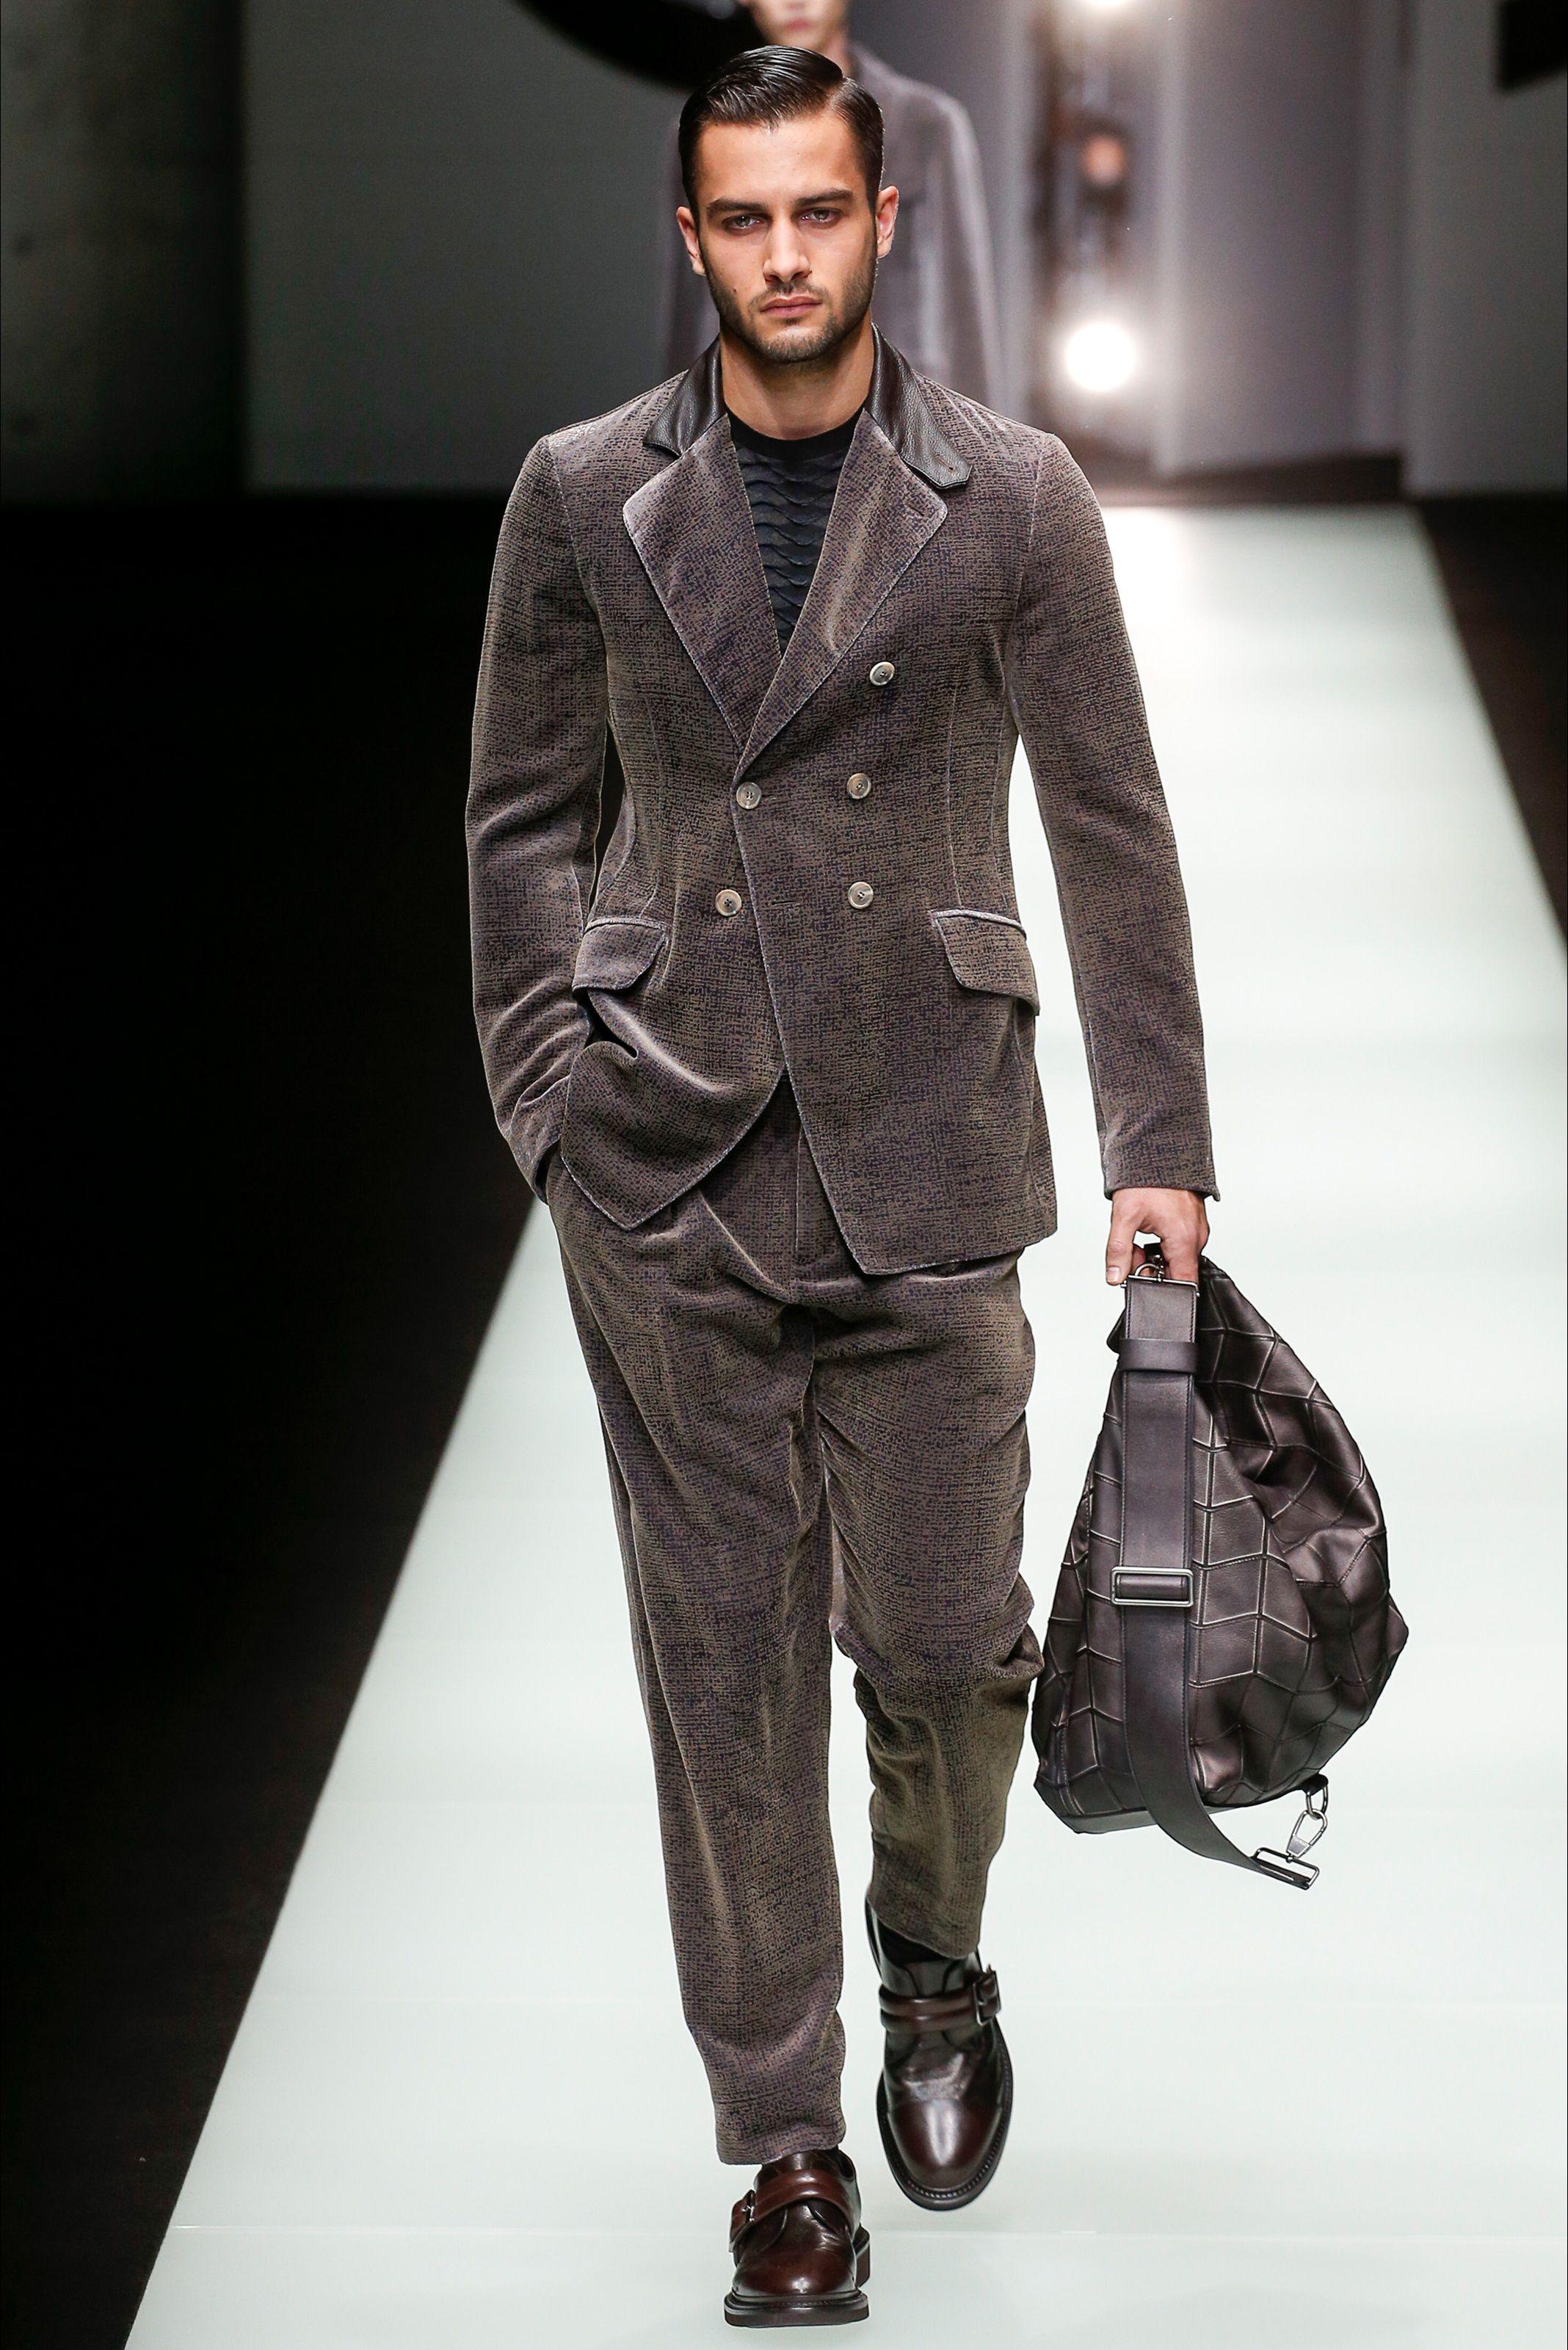 Guarda la sfilata di moda uomo Giorgio Armani a Milano e scopri la  collezione di abiti e accessori per la stagione Autunno Inverno 2018-19. ad228053f1d